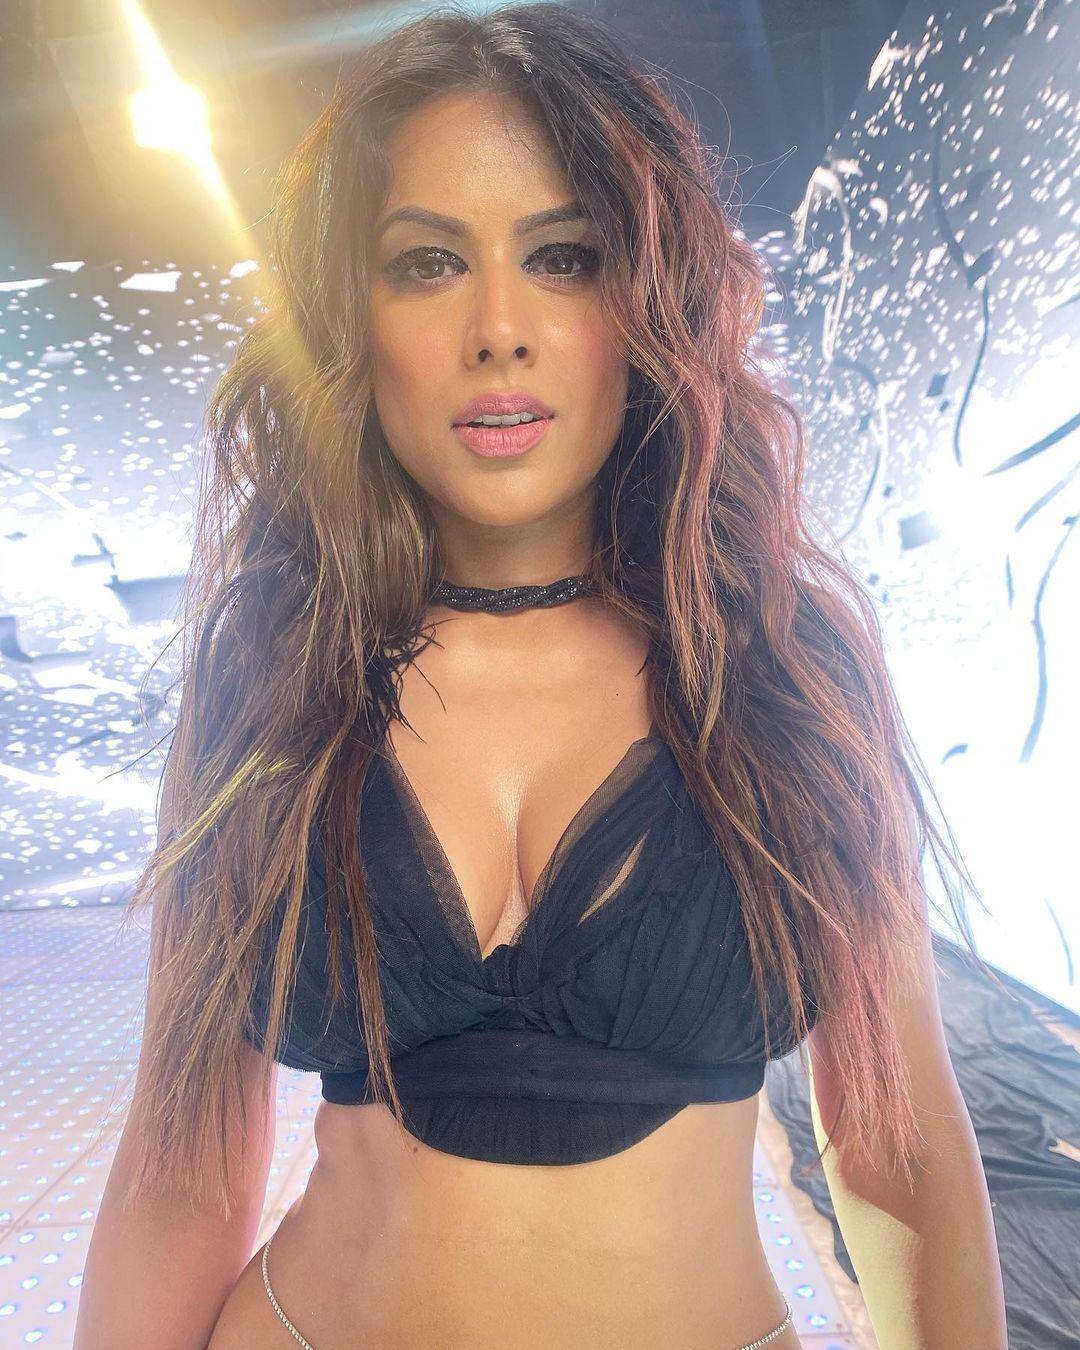 Nia Sharma Latest Photos: निया शर्मा ने ब्लैक ड्रेस में शेयर की तस्वीरें, बोल्ड और ग्लैमरस लुक ने लोगों को बनाया दीवाना